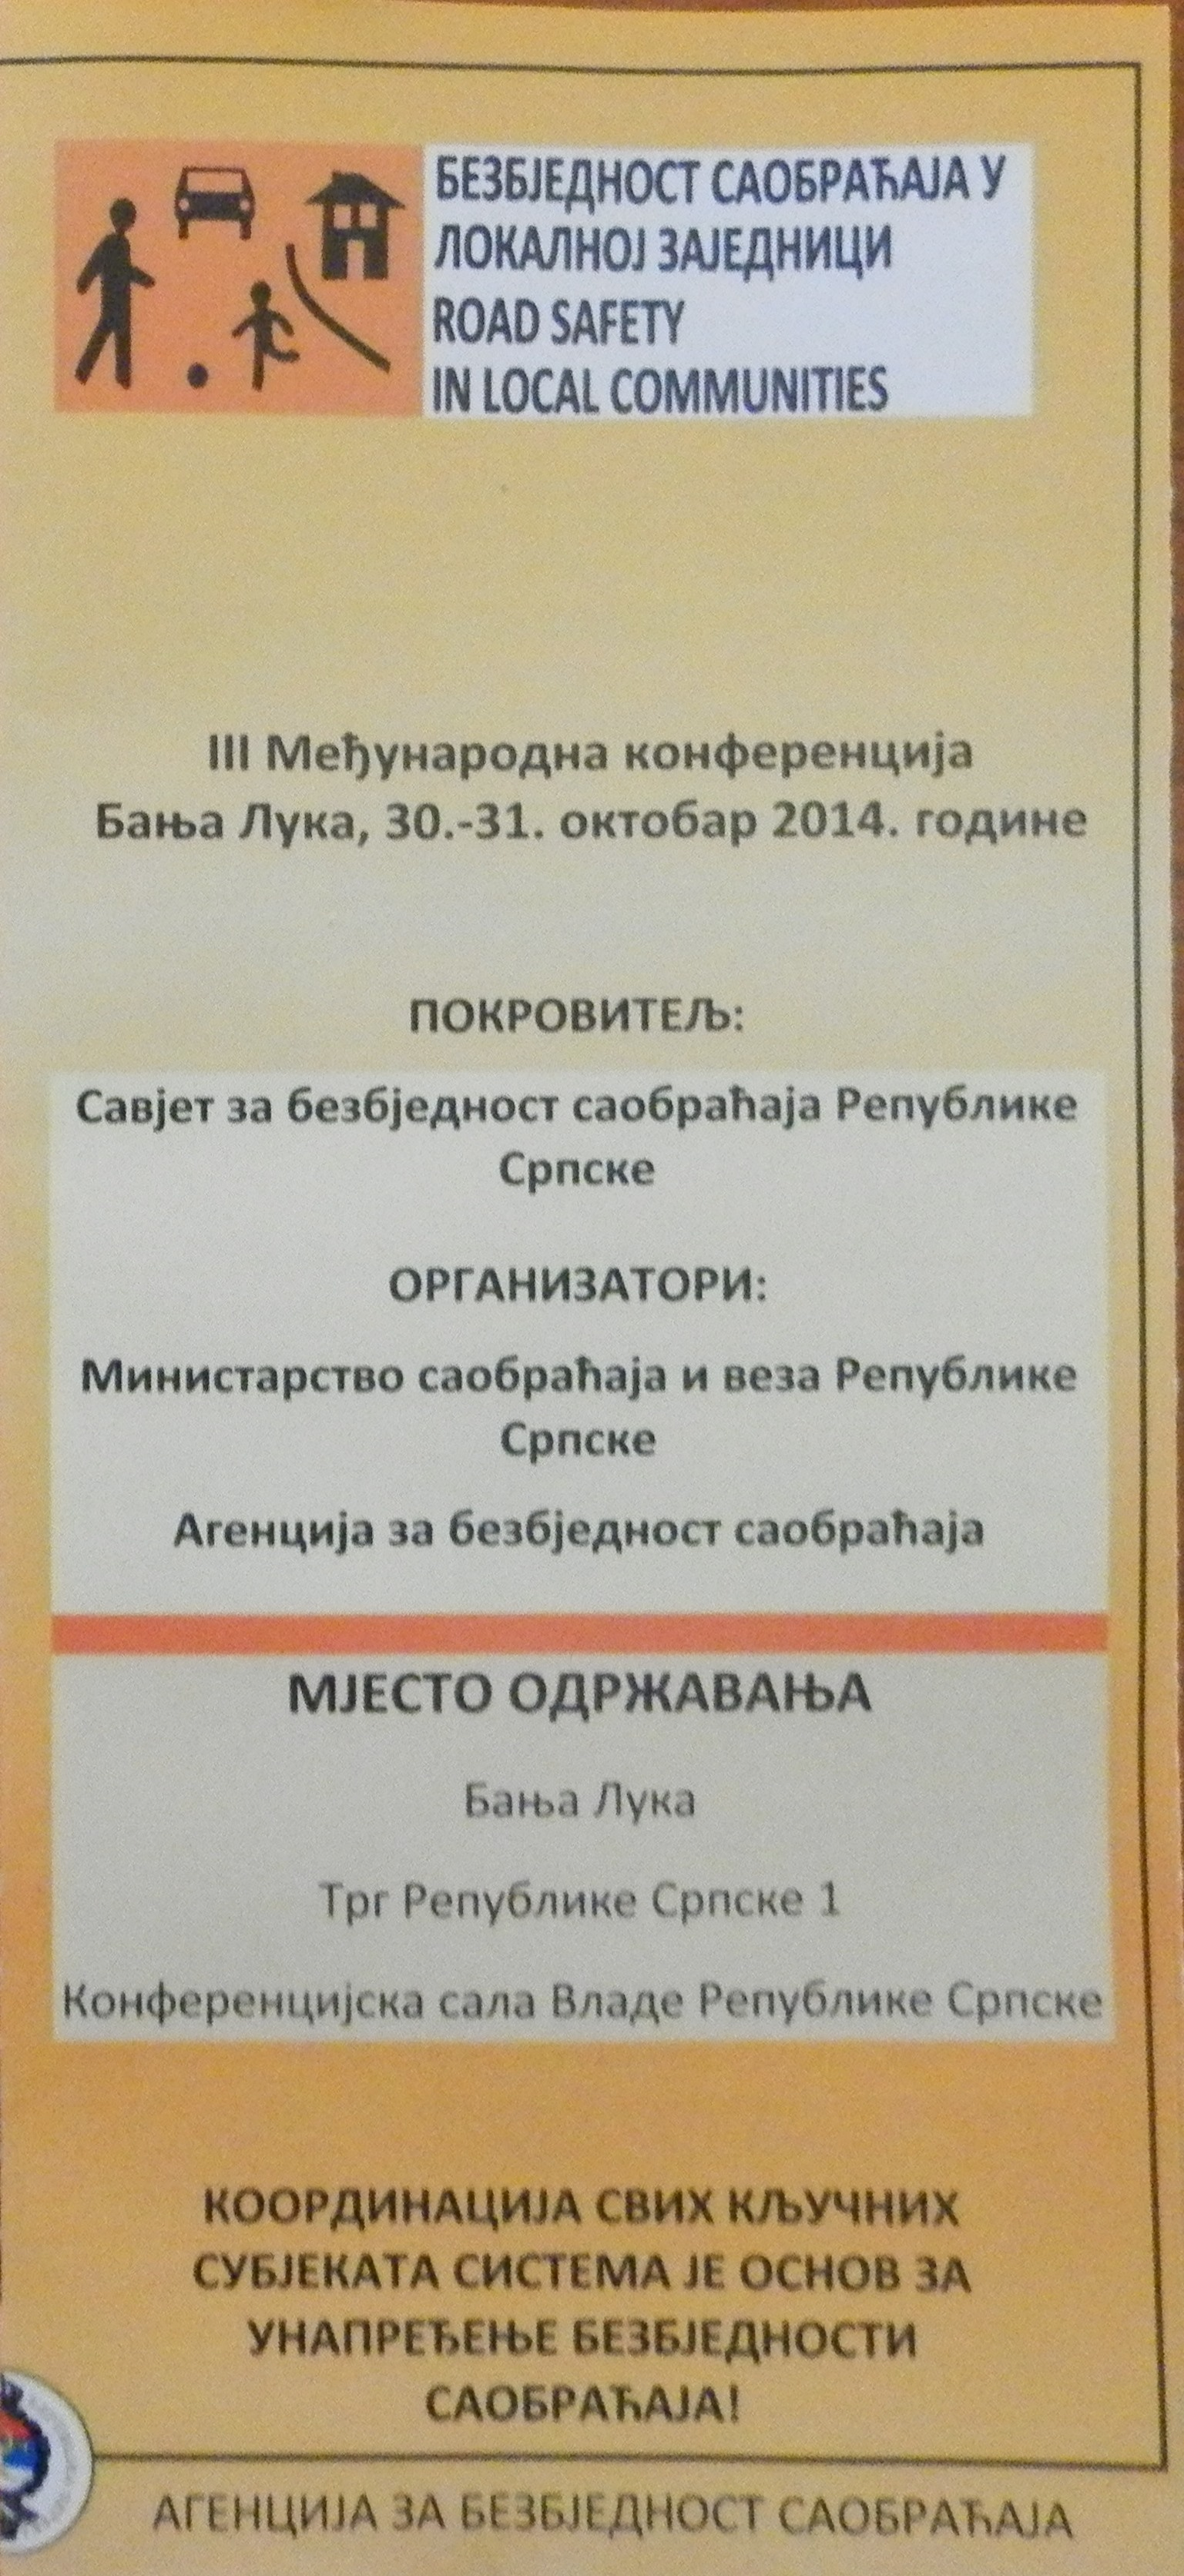 Aнализа резултата анкете учесника конференције БСЛЗ